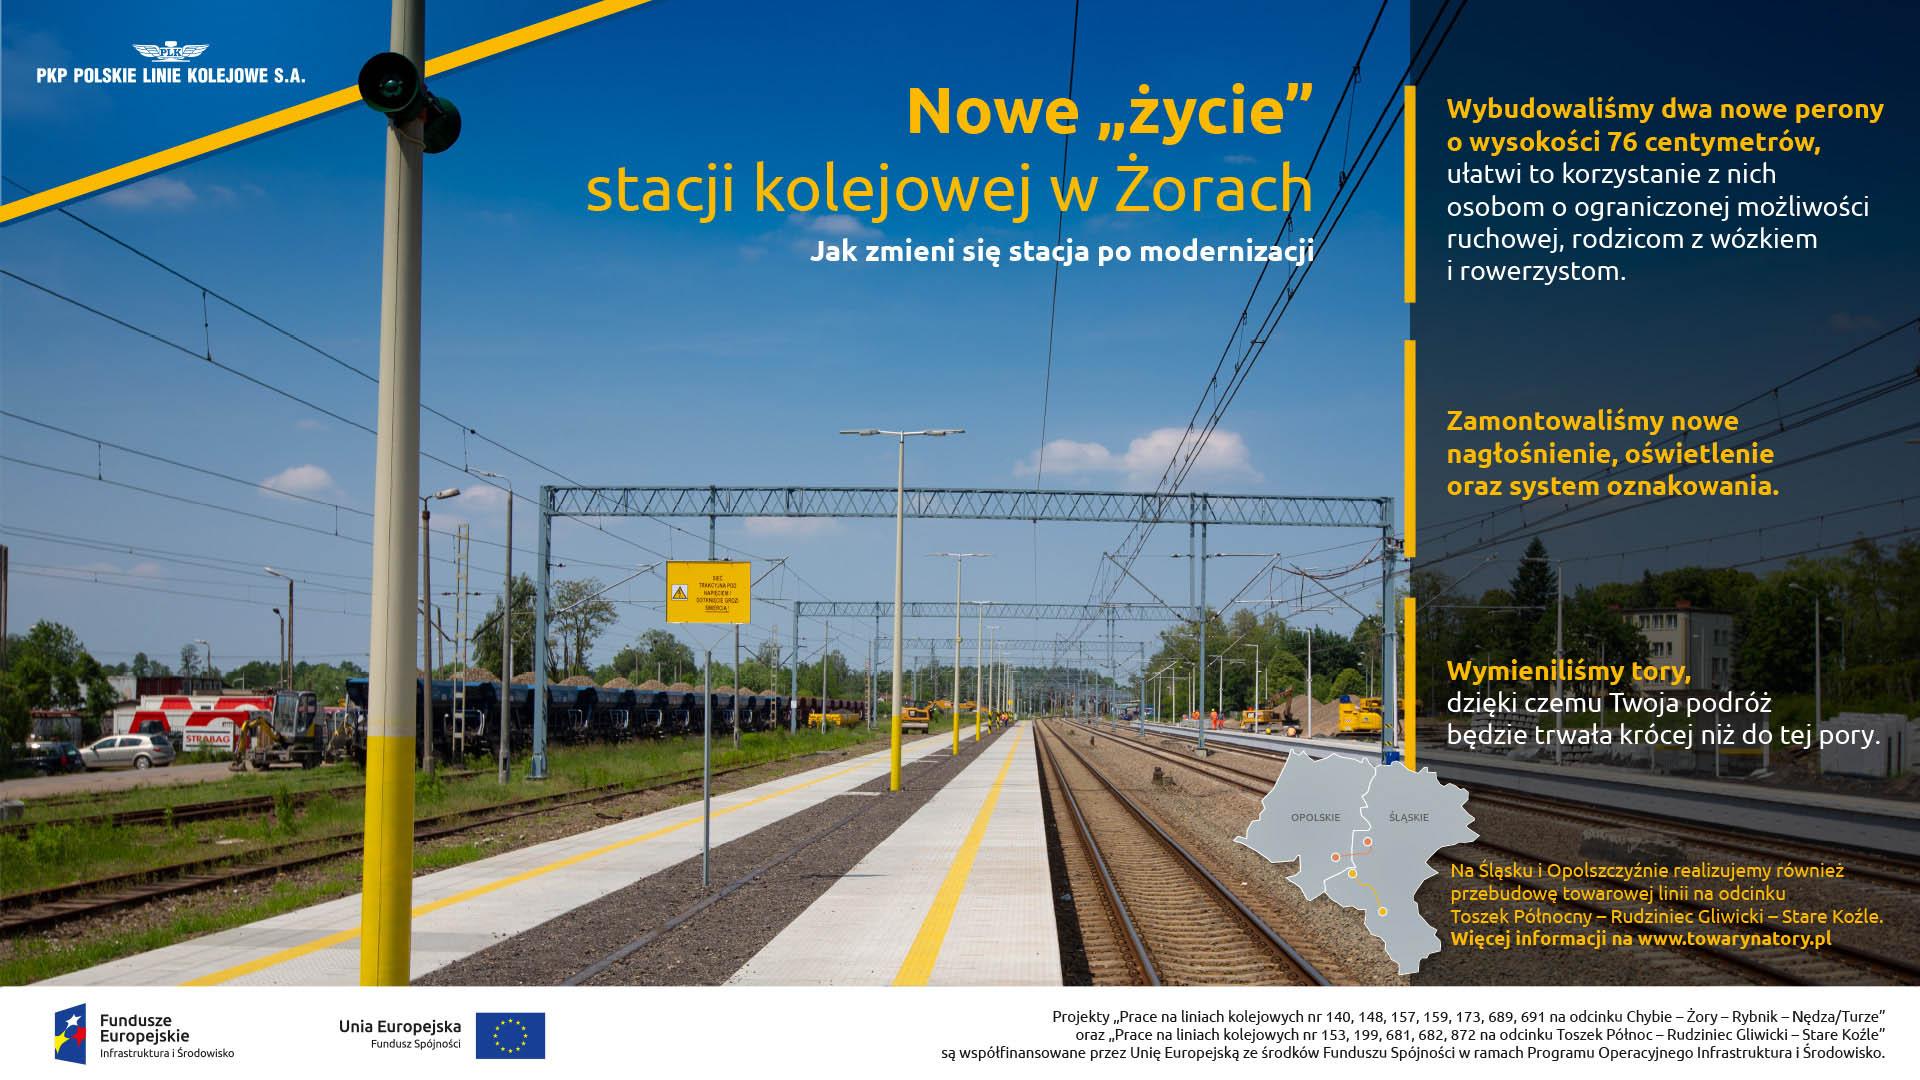 Infografika mówi o zakończeniu remontu w Żorach. Zostały wybudowane dwa nowe perony, zamontowane zostało nowe nagłośnienie oraz wymienione tory.